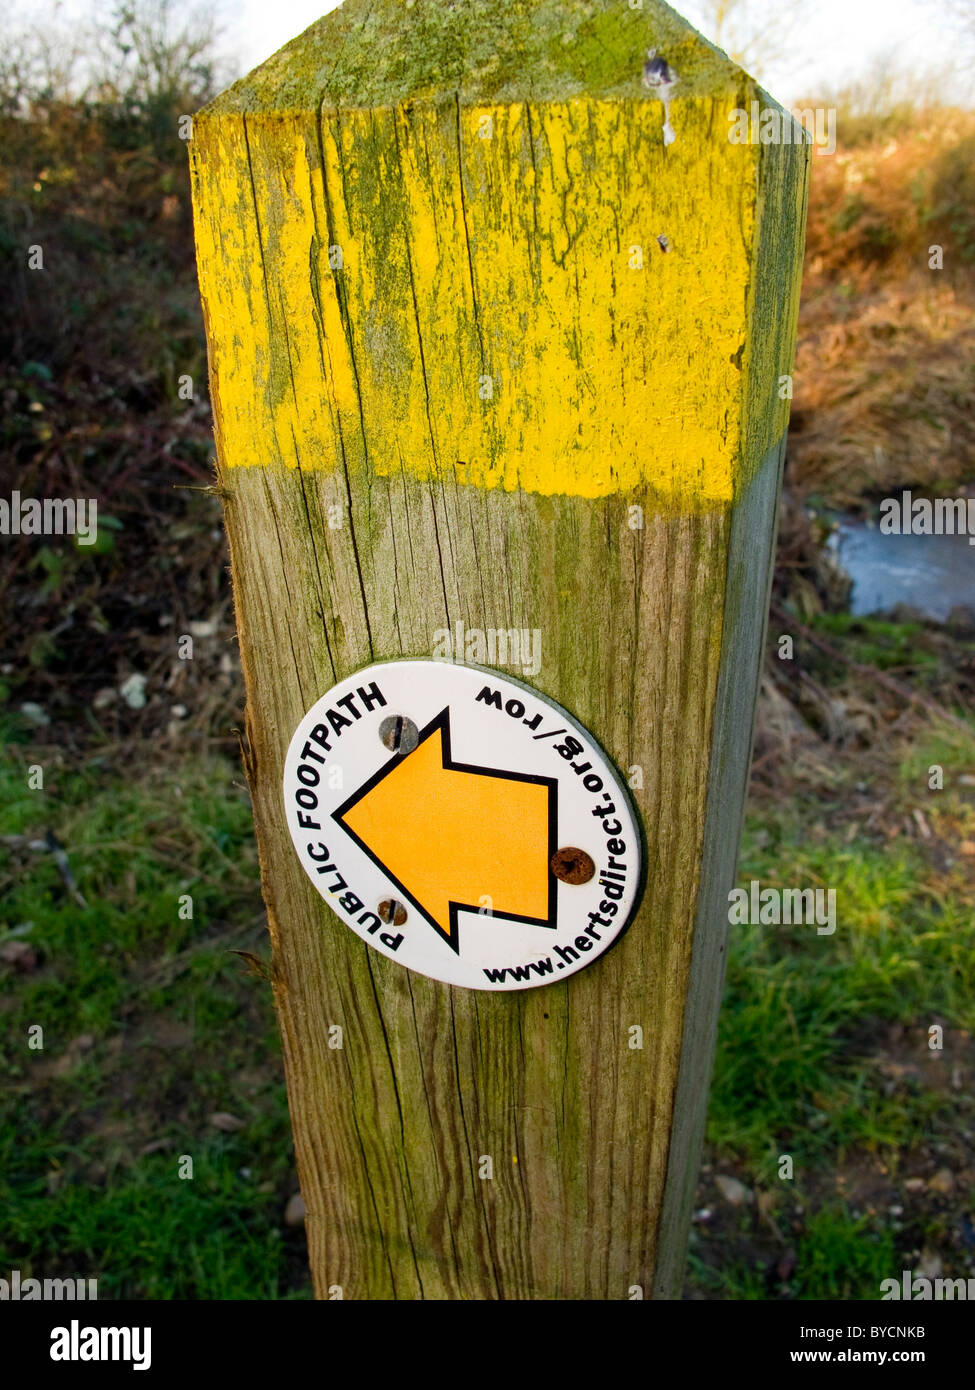 Sentier Public signer d'une flèche jaune sur un poste en bois par le sentier de la rivière Stort à Photo Stock